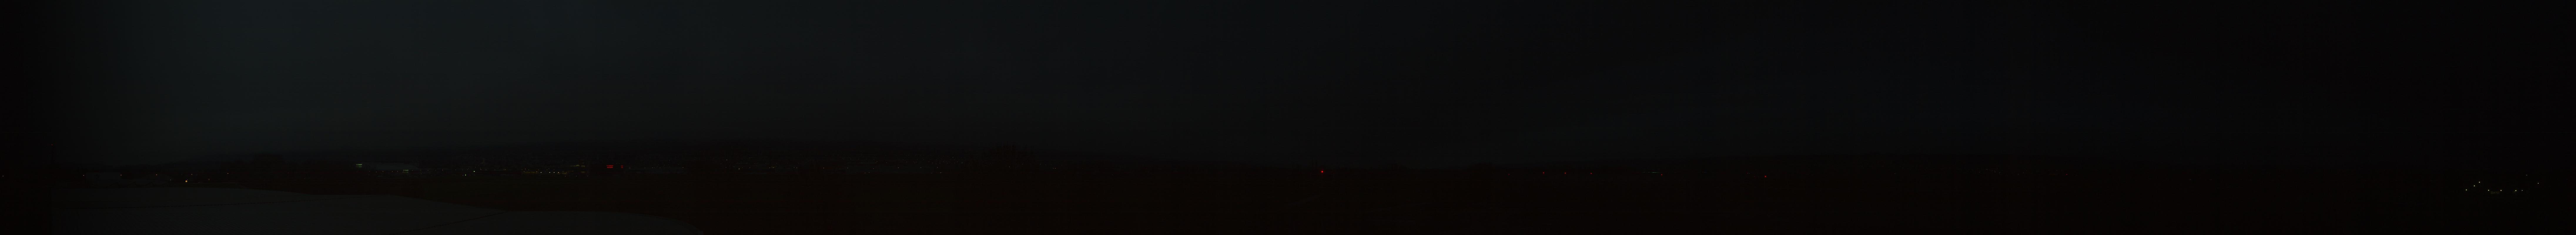 24h ago - 17:14